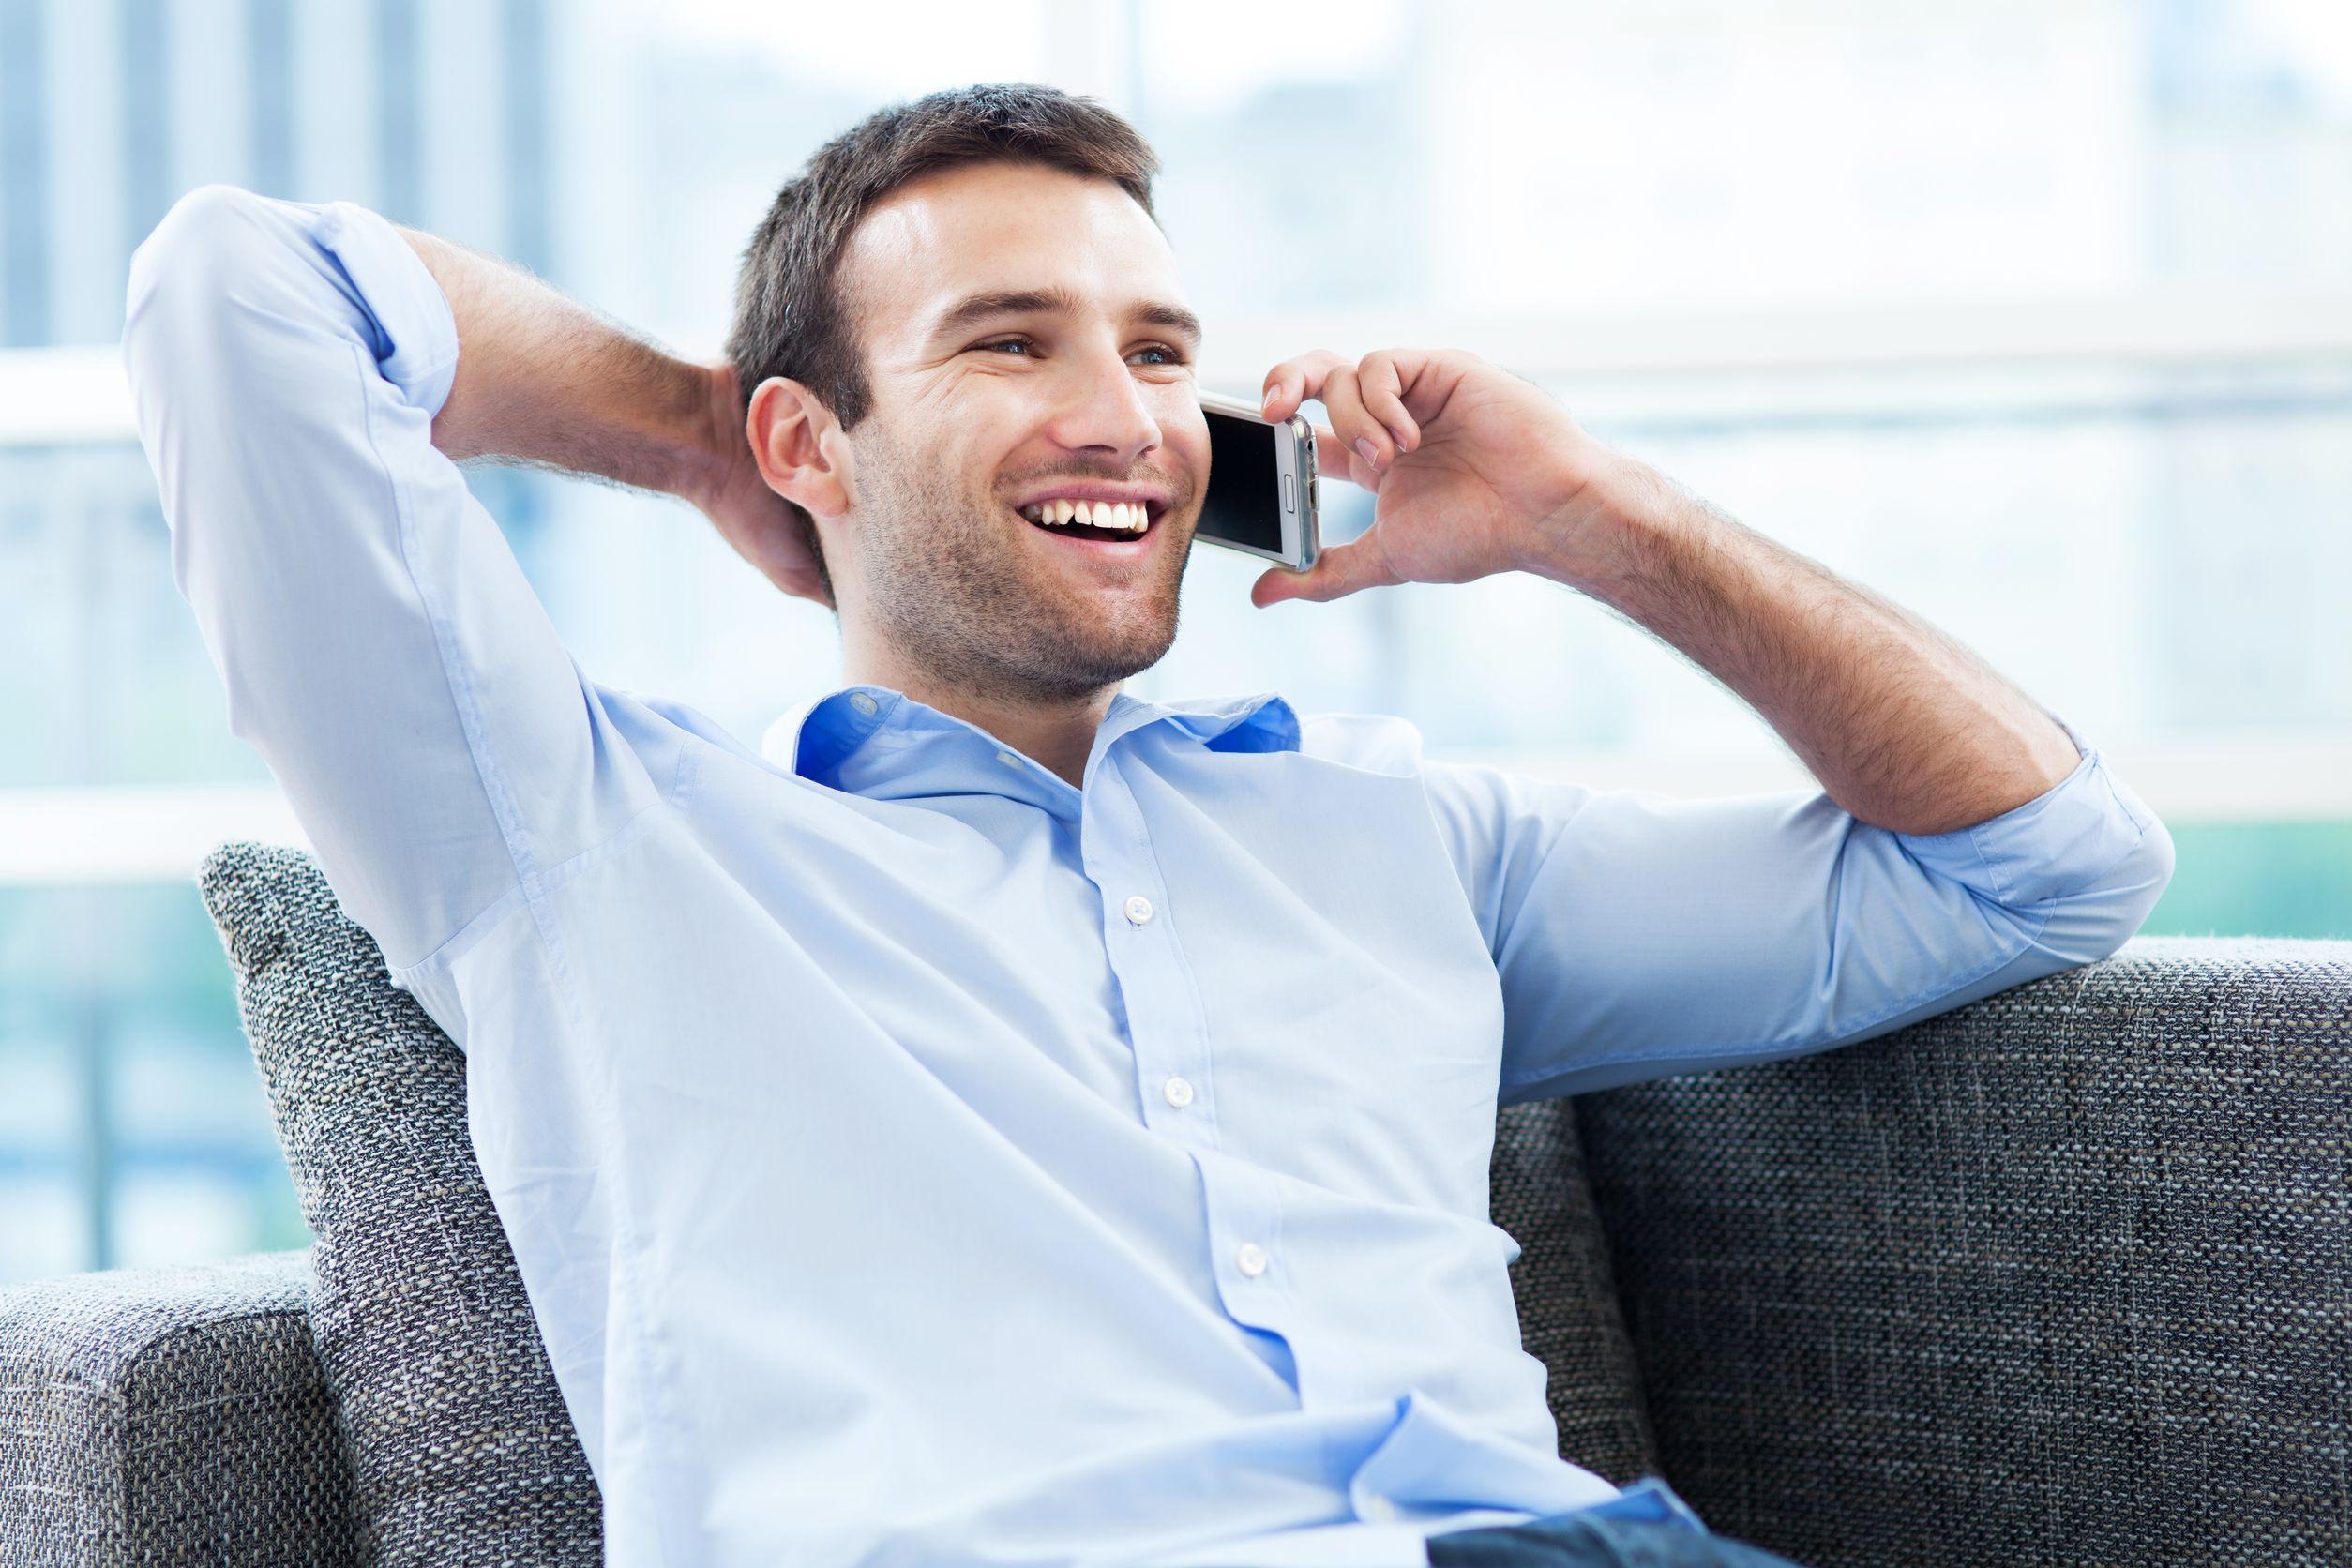 друзья звонят по телефону картинки уважаемые читатели моего